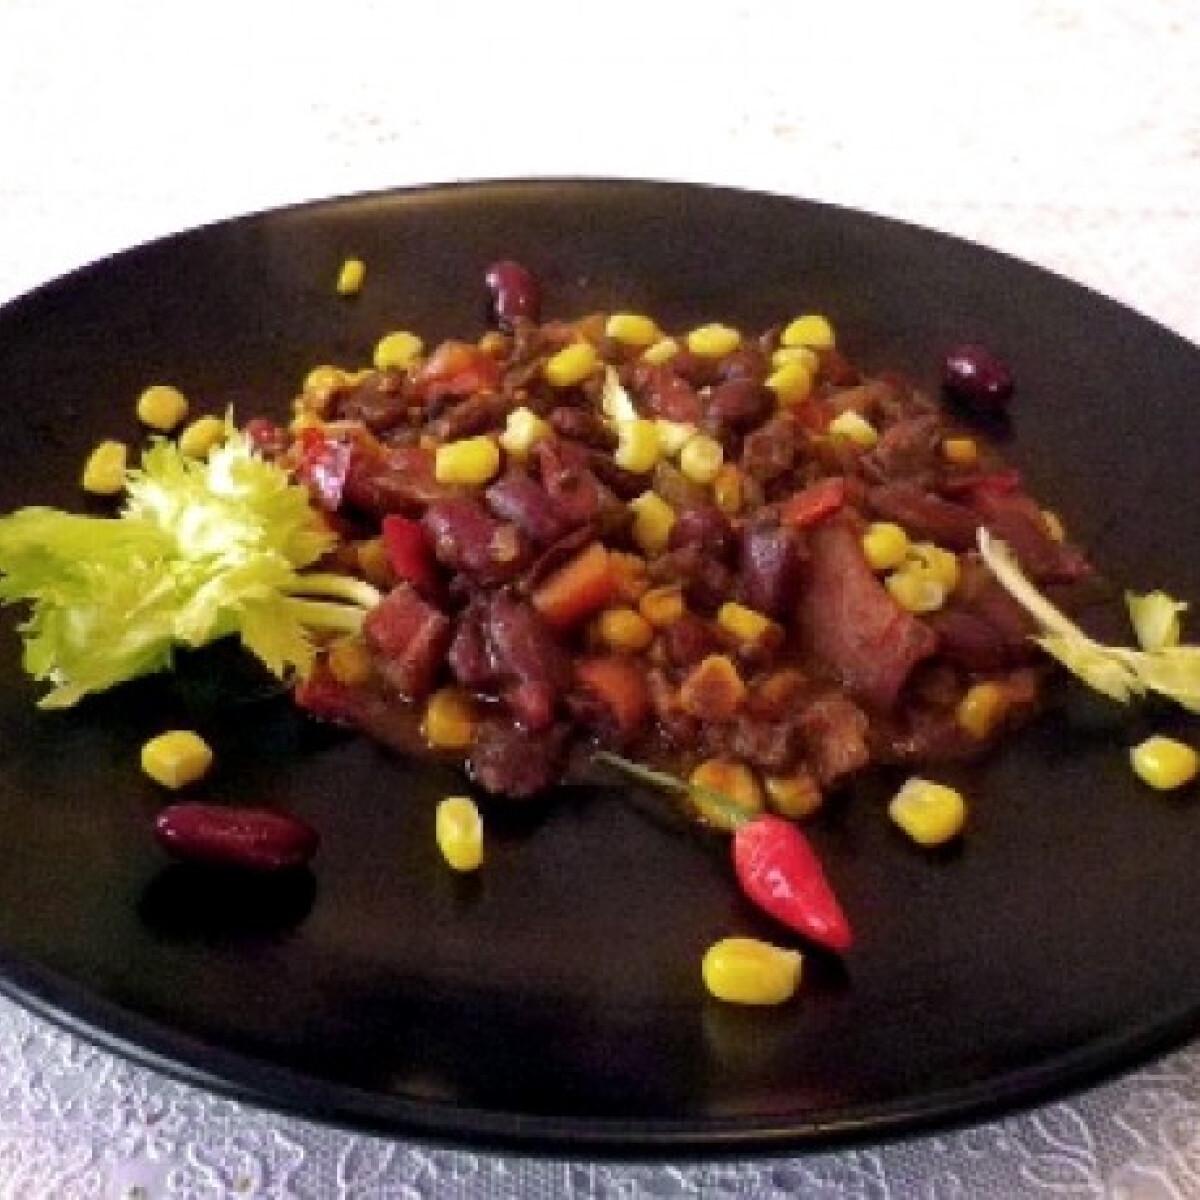 Sütőben készült chili con carne